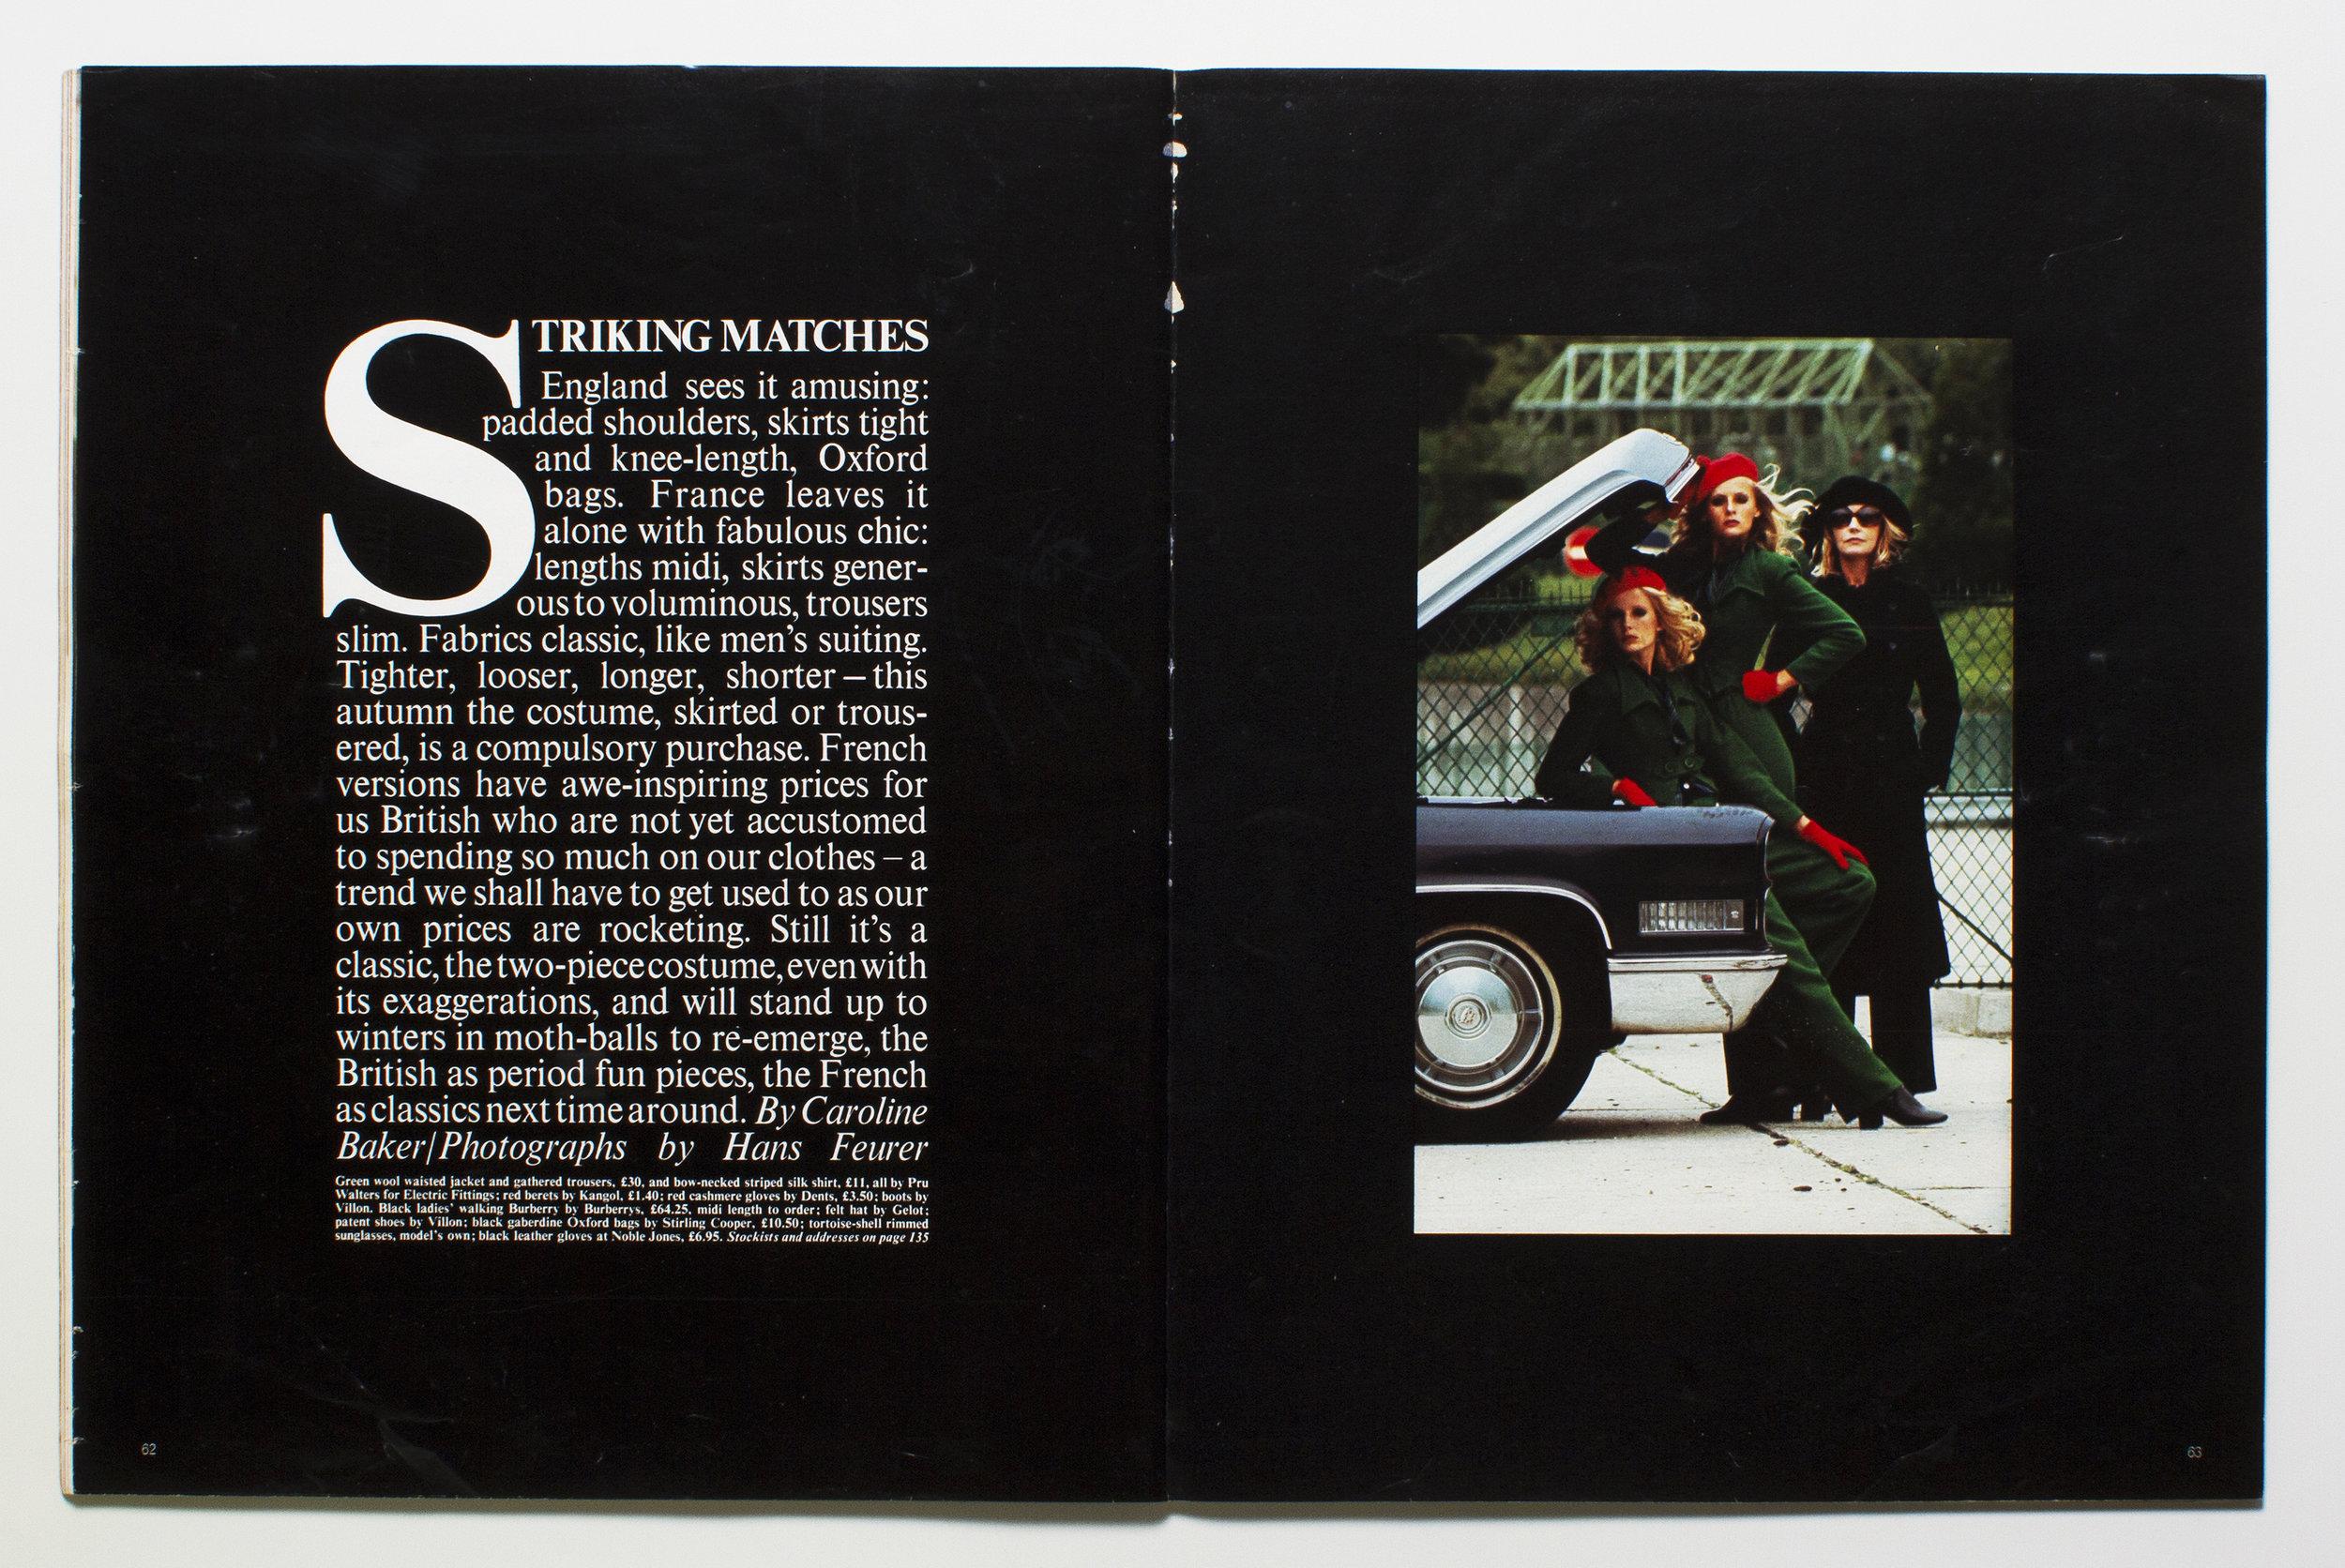 NOVA October 1973_feurer_baker_1.jpg